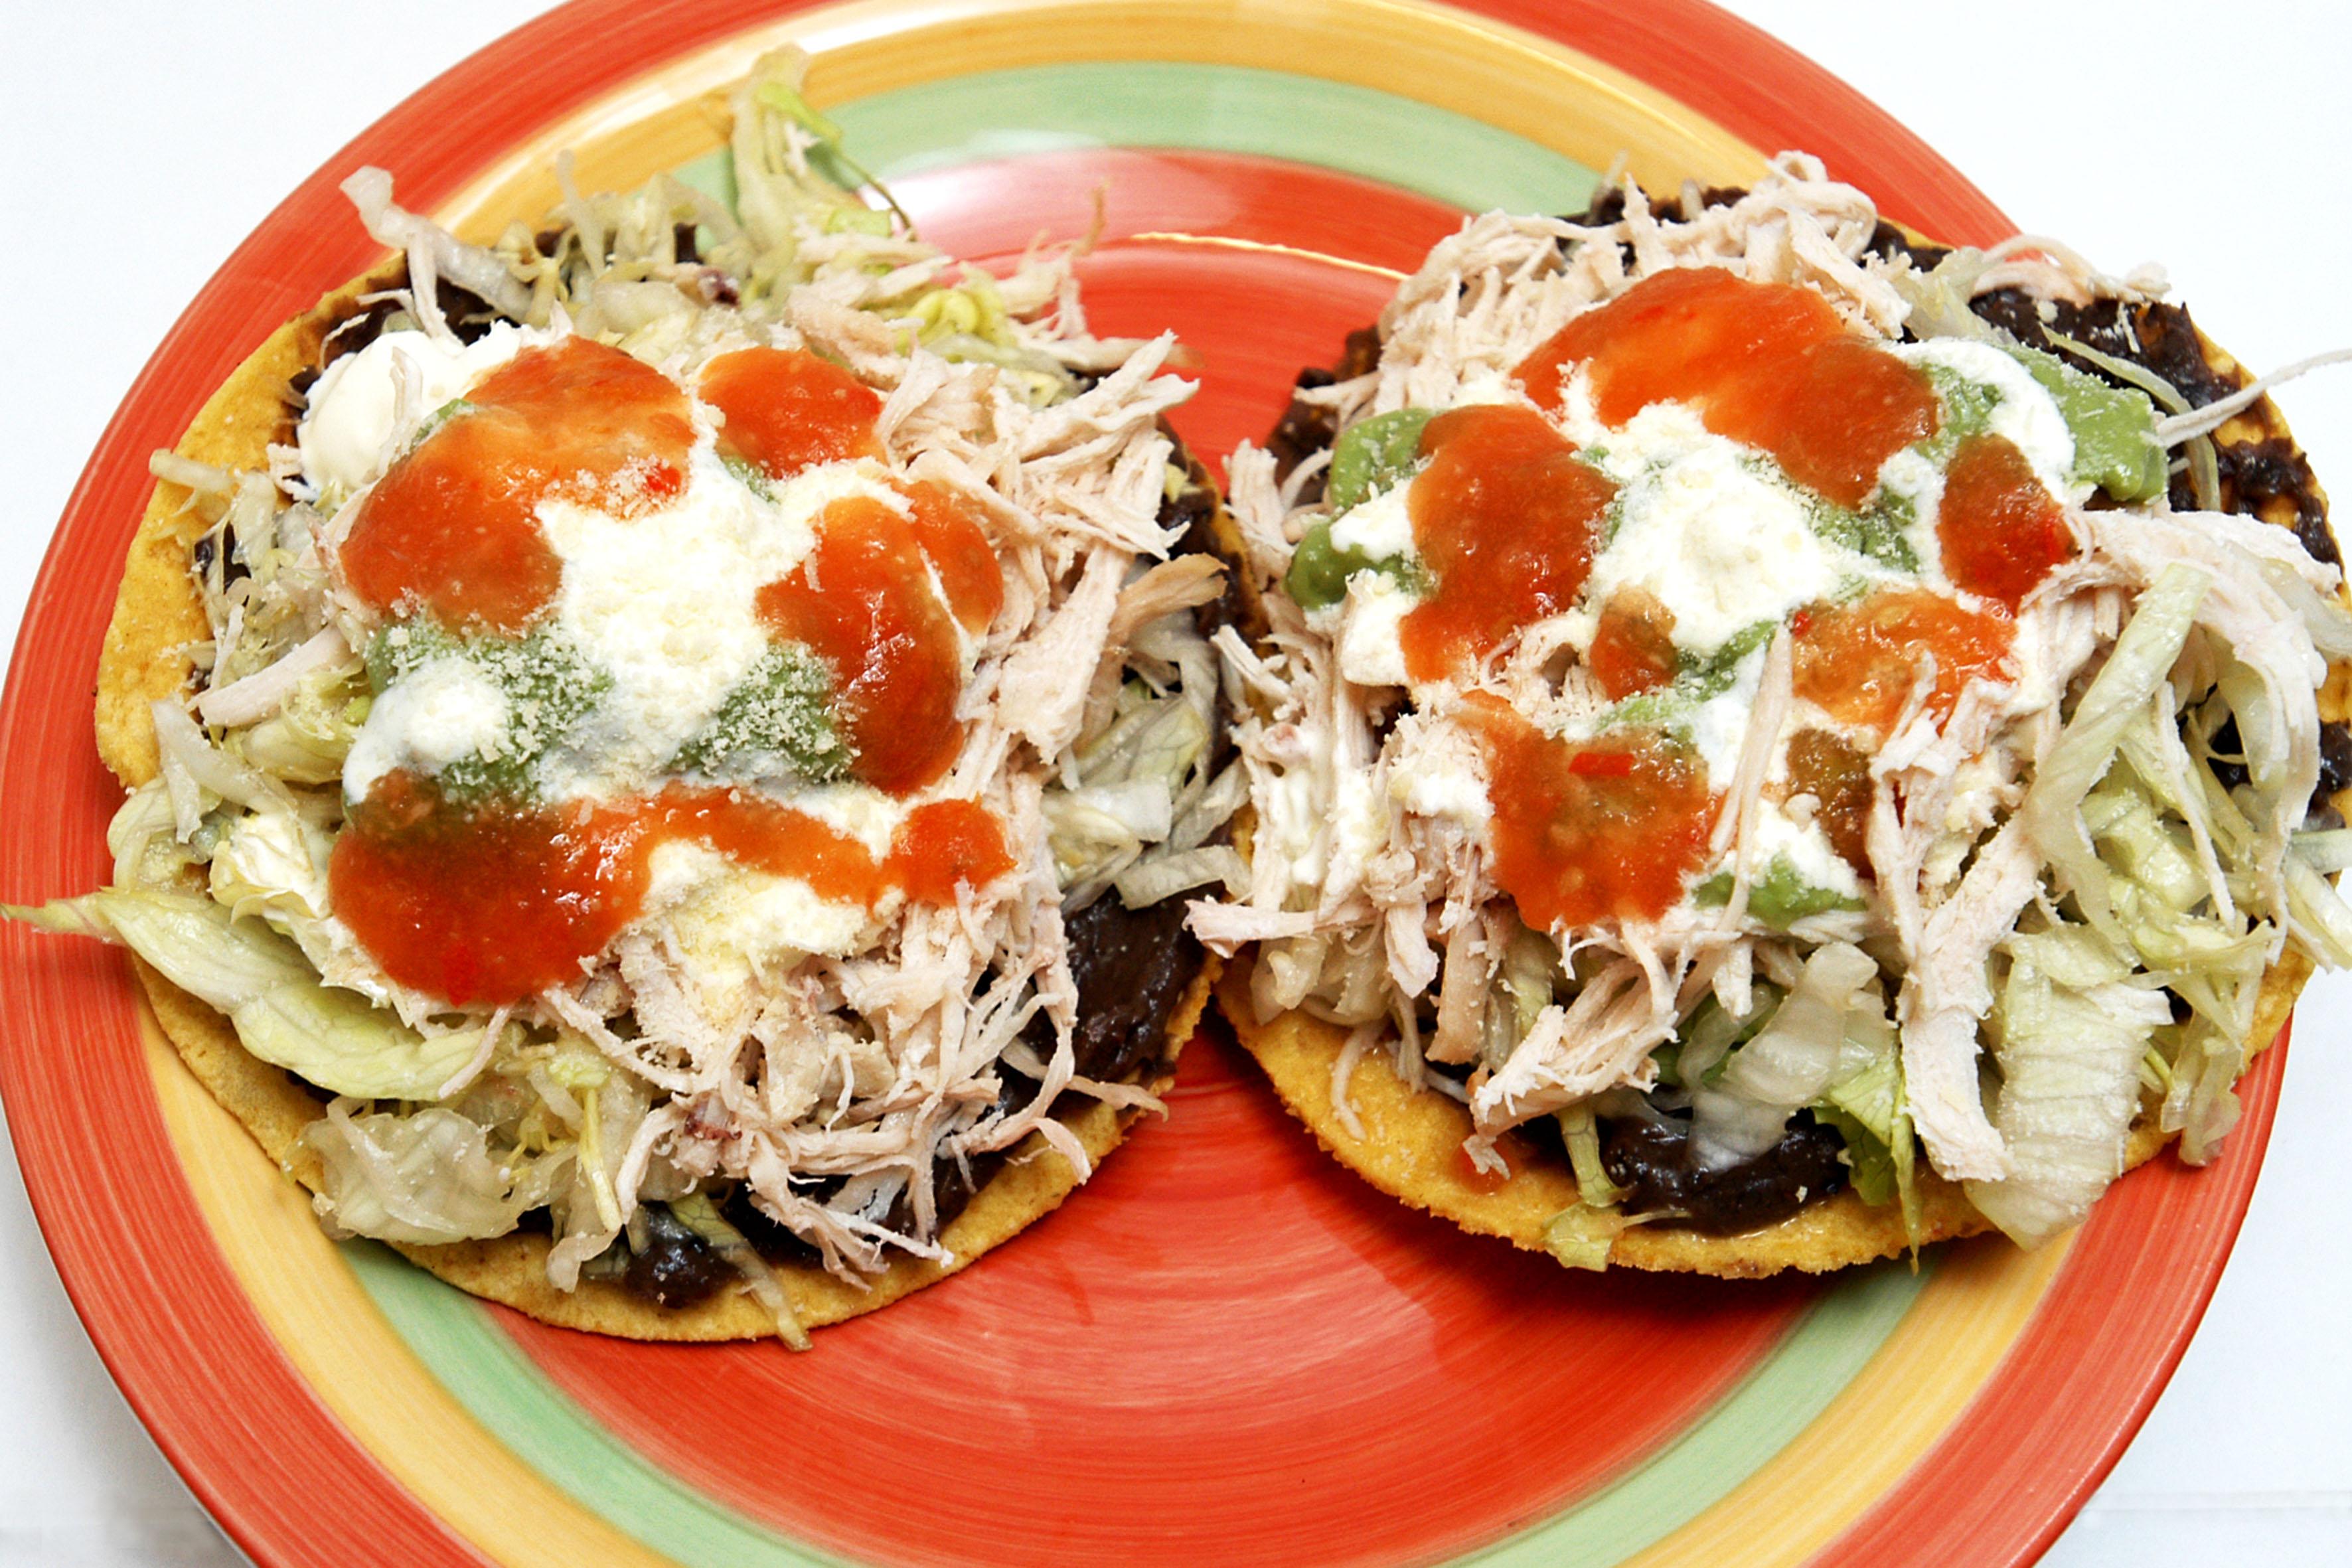 Comida mexicana muy rica taringa for Comidas economicas mexicanas